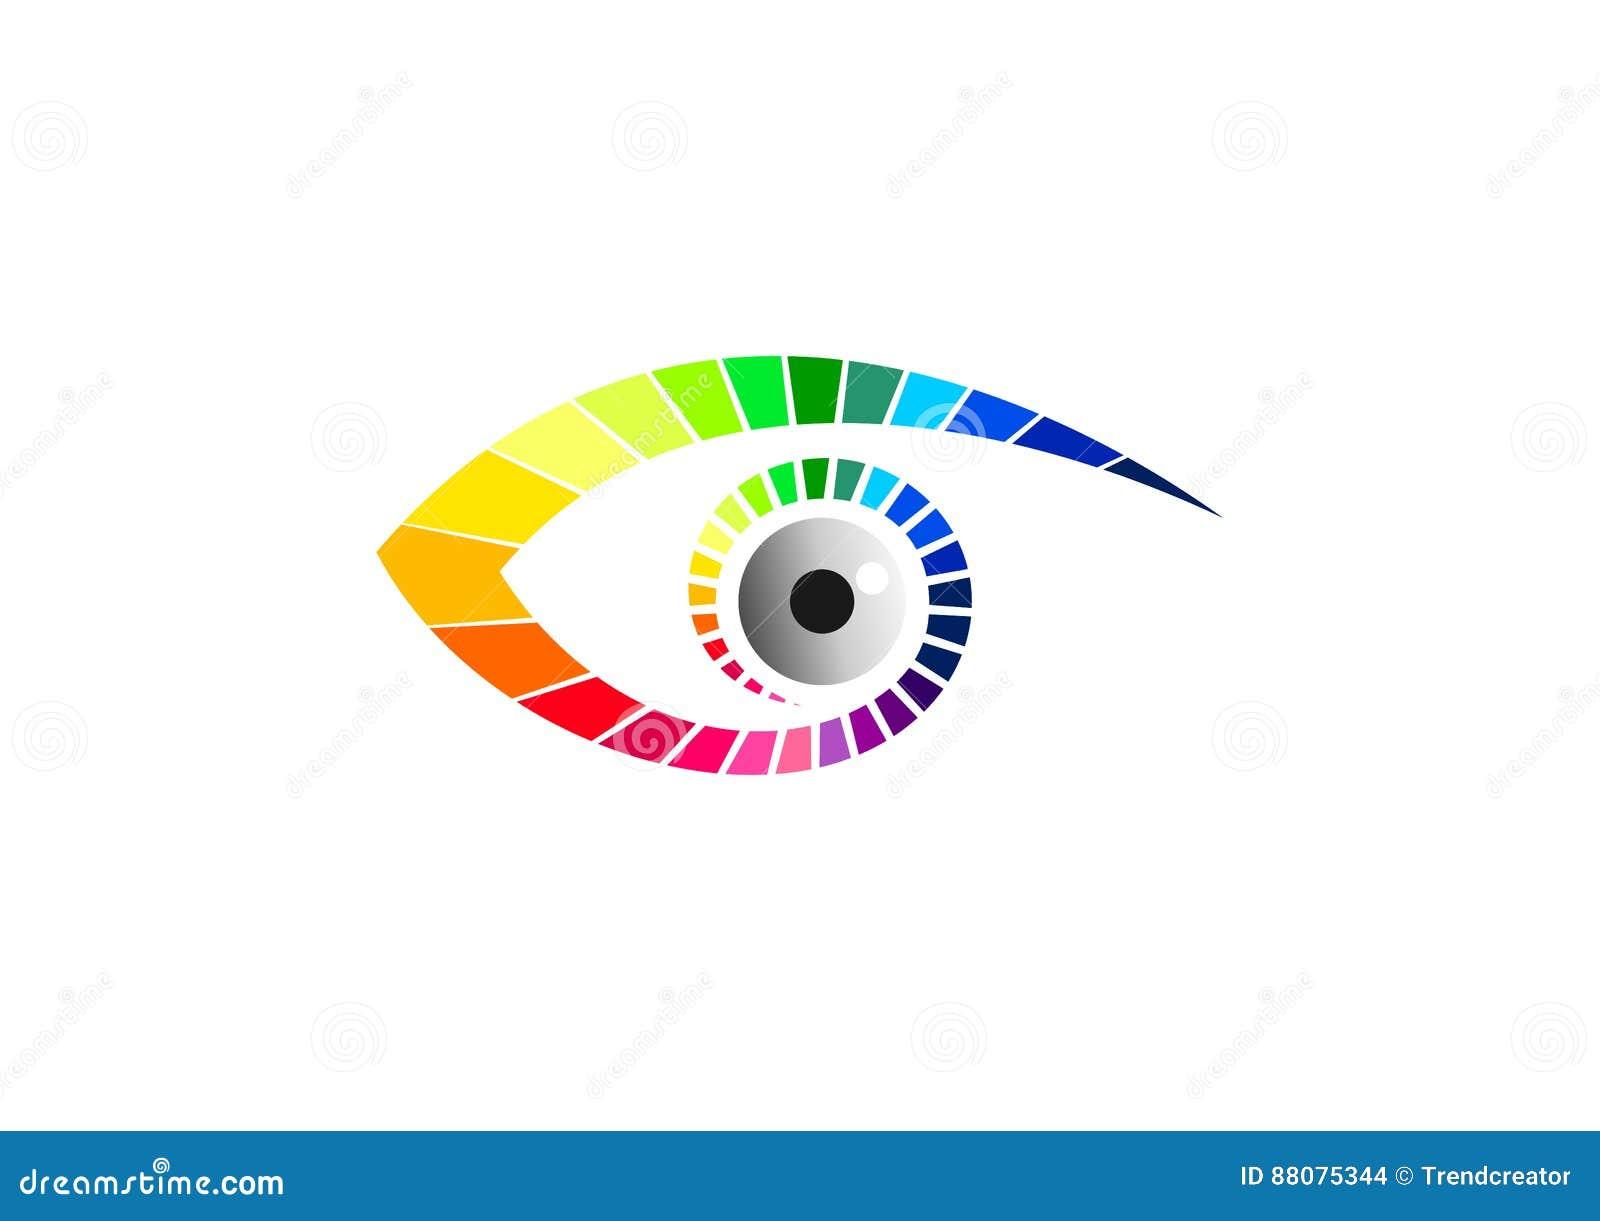 Наблюдайте логотип, оптический символ, стекла значок моды, бренд красоты визуальный, роскошный график зрения, и дизайн концепции